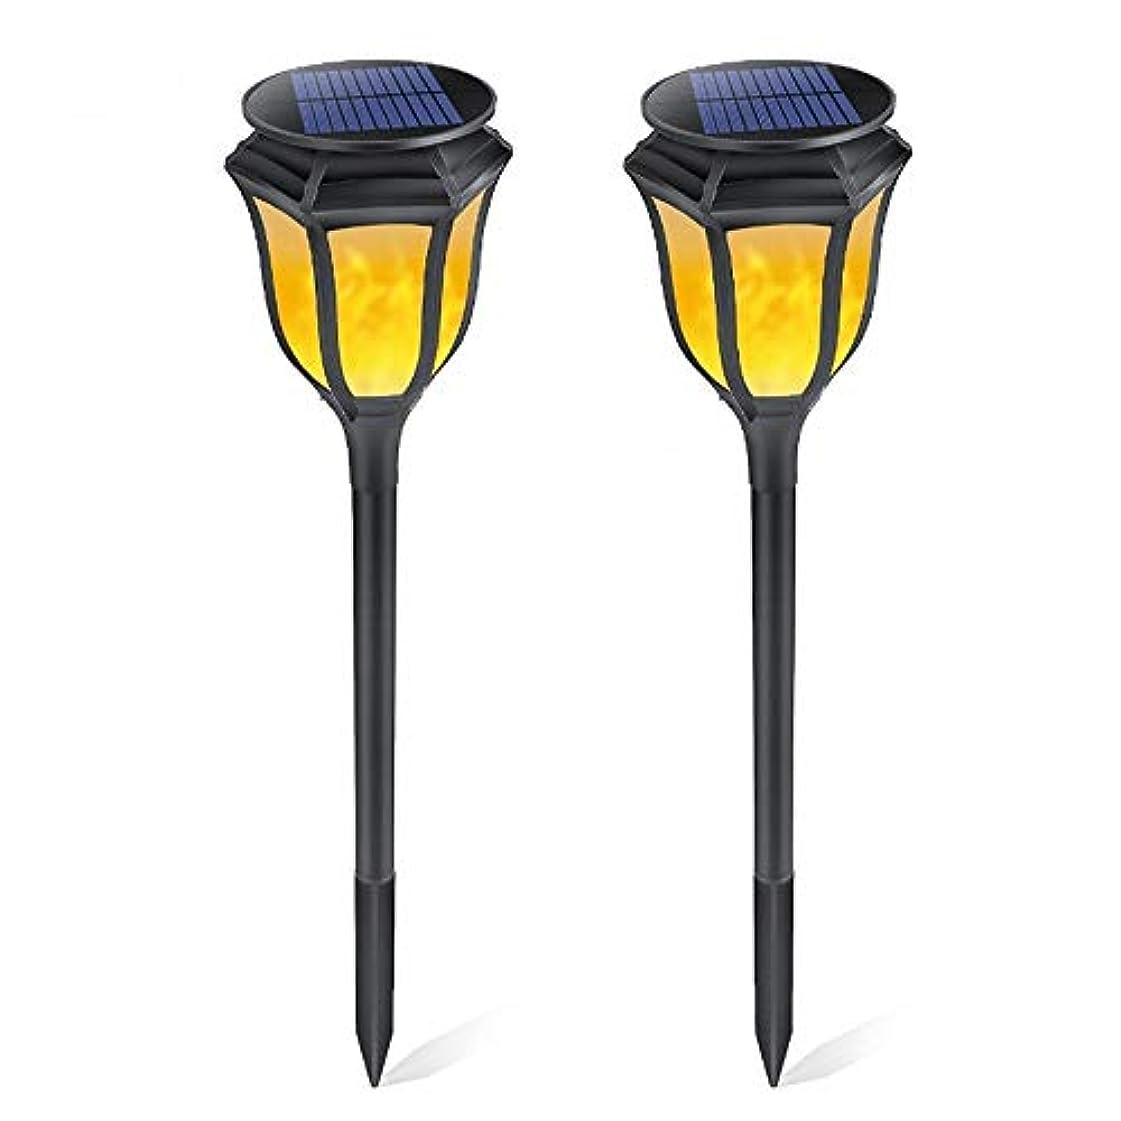 変なはげうまくやる()FXJDD 2個ヴィンテージスタイル96LEDソーラーライト防水ガーデントーチライト屋外ソーラースポットライト風景装飾照明パティオドライブウェイのための地面のセキュリティトーチライト FXJDD